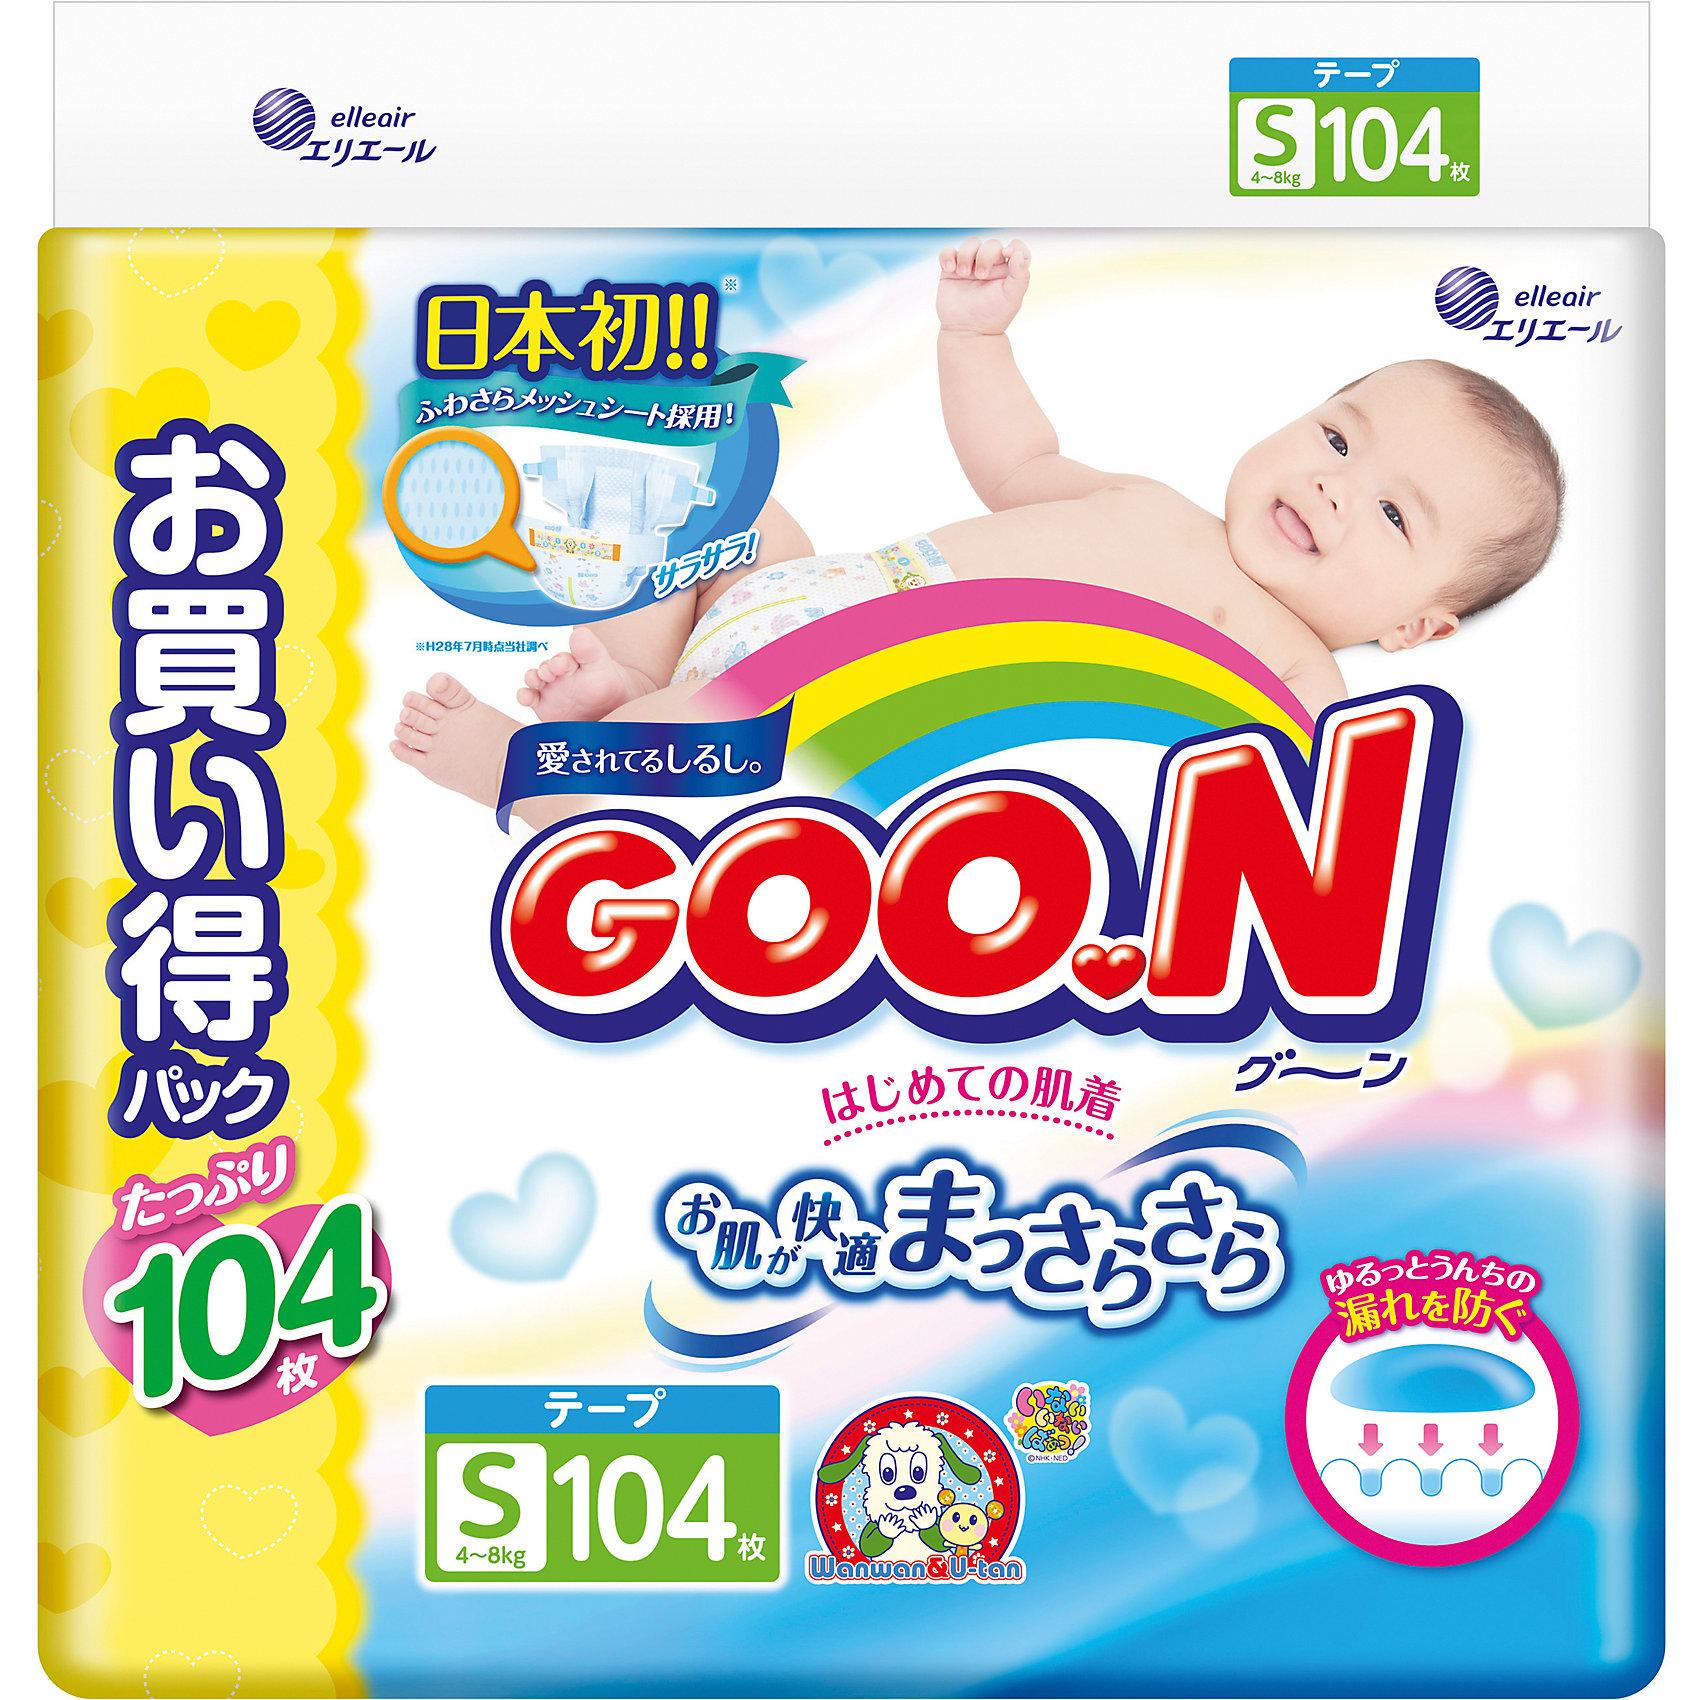 Подгузники ULTRA JUMBO PACK, S 4-8 кг., 104 шт., GoonТрусики-подгузники 5-12 кг.<br>Японские подгузники GOO.N на липучках позаботятся о вашем малыше с самого рождения. Все их детали, которые касаются нежной кожи ребенка, отличаются необыкновенной мягкостью.<br>Благодаря новейшей технологии увеличения неровностей в трехмерной проекции, поверхность подгузника, контактирующая с кожей малыша, всегда сухая и гладкая!<br><br>Ширина мм: 370<br>Глубина мм: 453<br>Высота мм: 125<br>Вес г: 2850<br>Возраст от месяцев: 1<br>Возраст до месяцев: 6<br>Пол: Унисекс<br>Возраст: Детский<br>SKU: 5540879